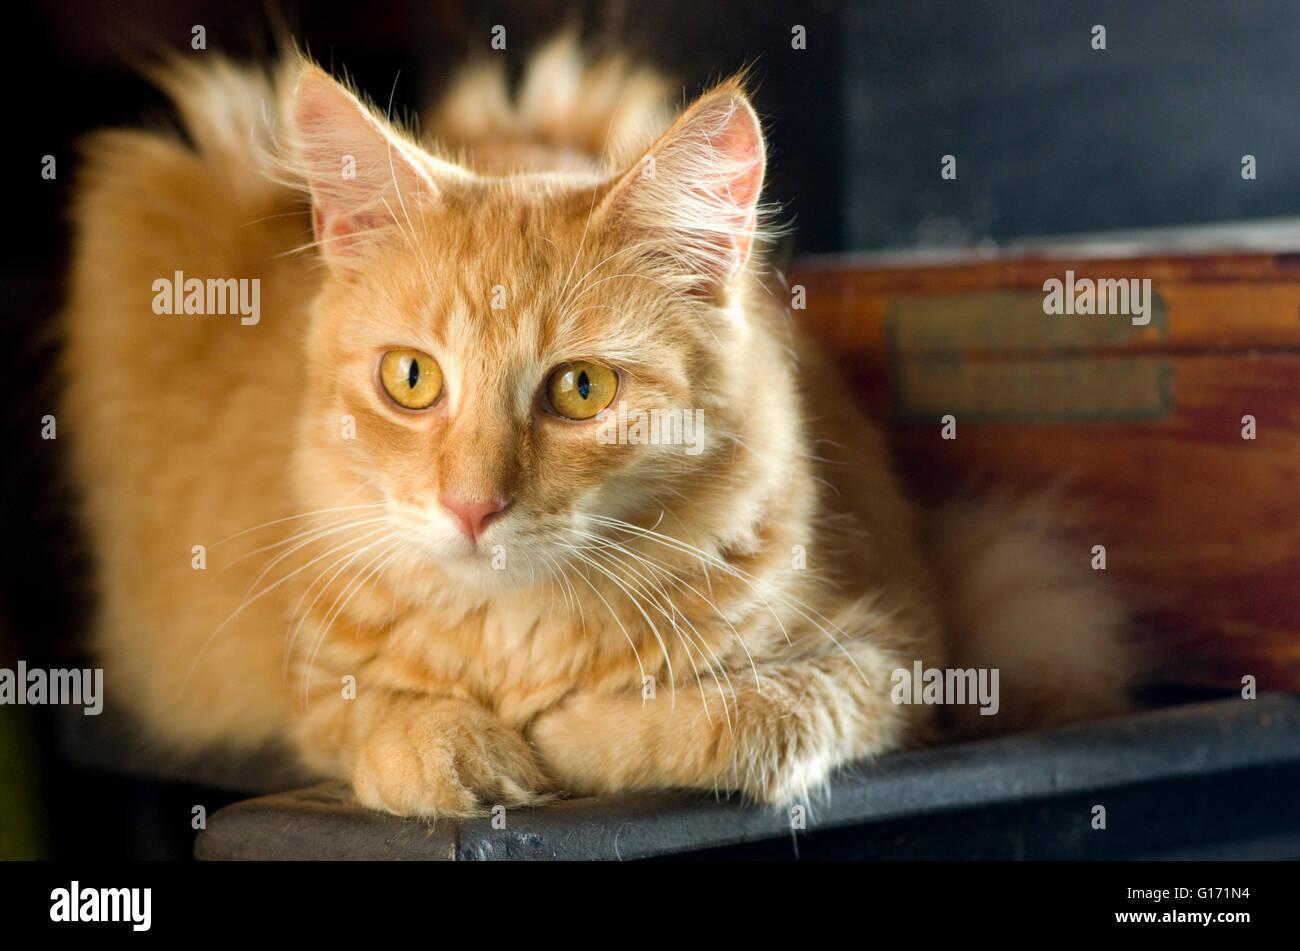 Gato atigrado rojo en pose contemplativa con patas delanteras doblado hacia adentro, largo/medio/largo cabello largo Imagen De Stock